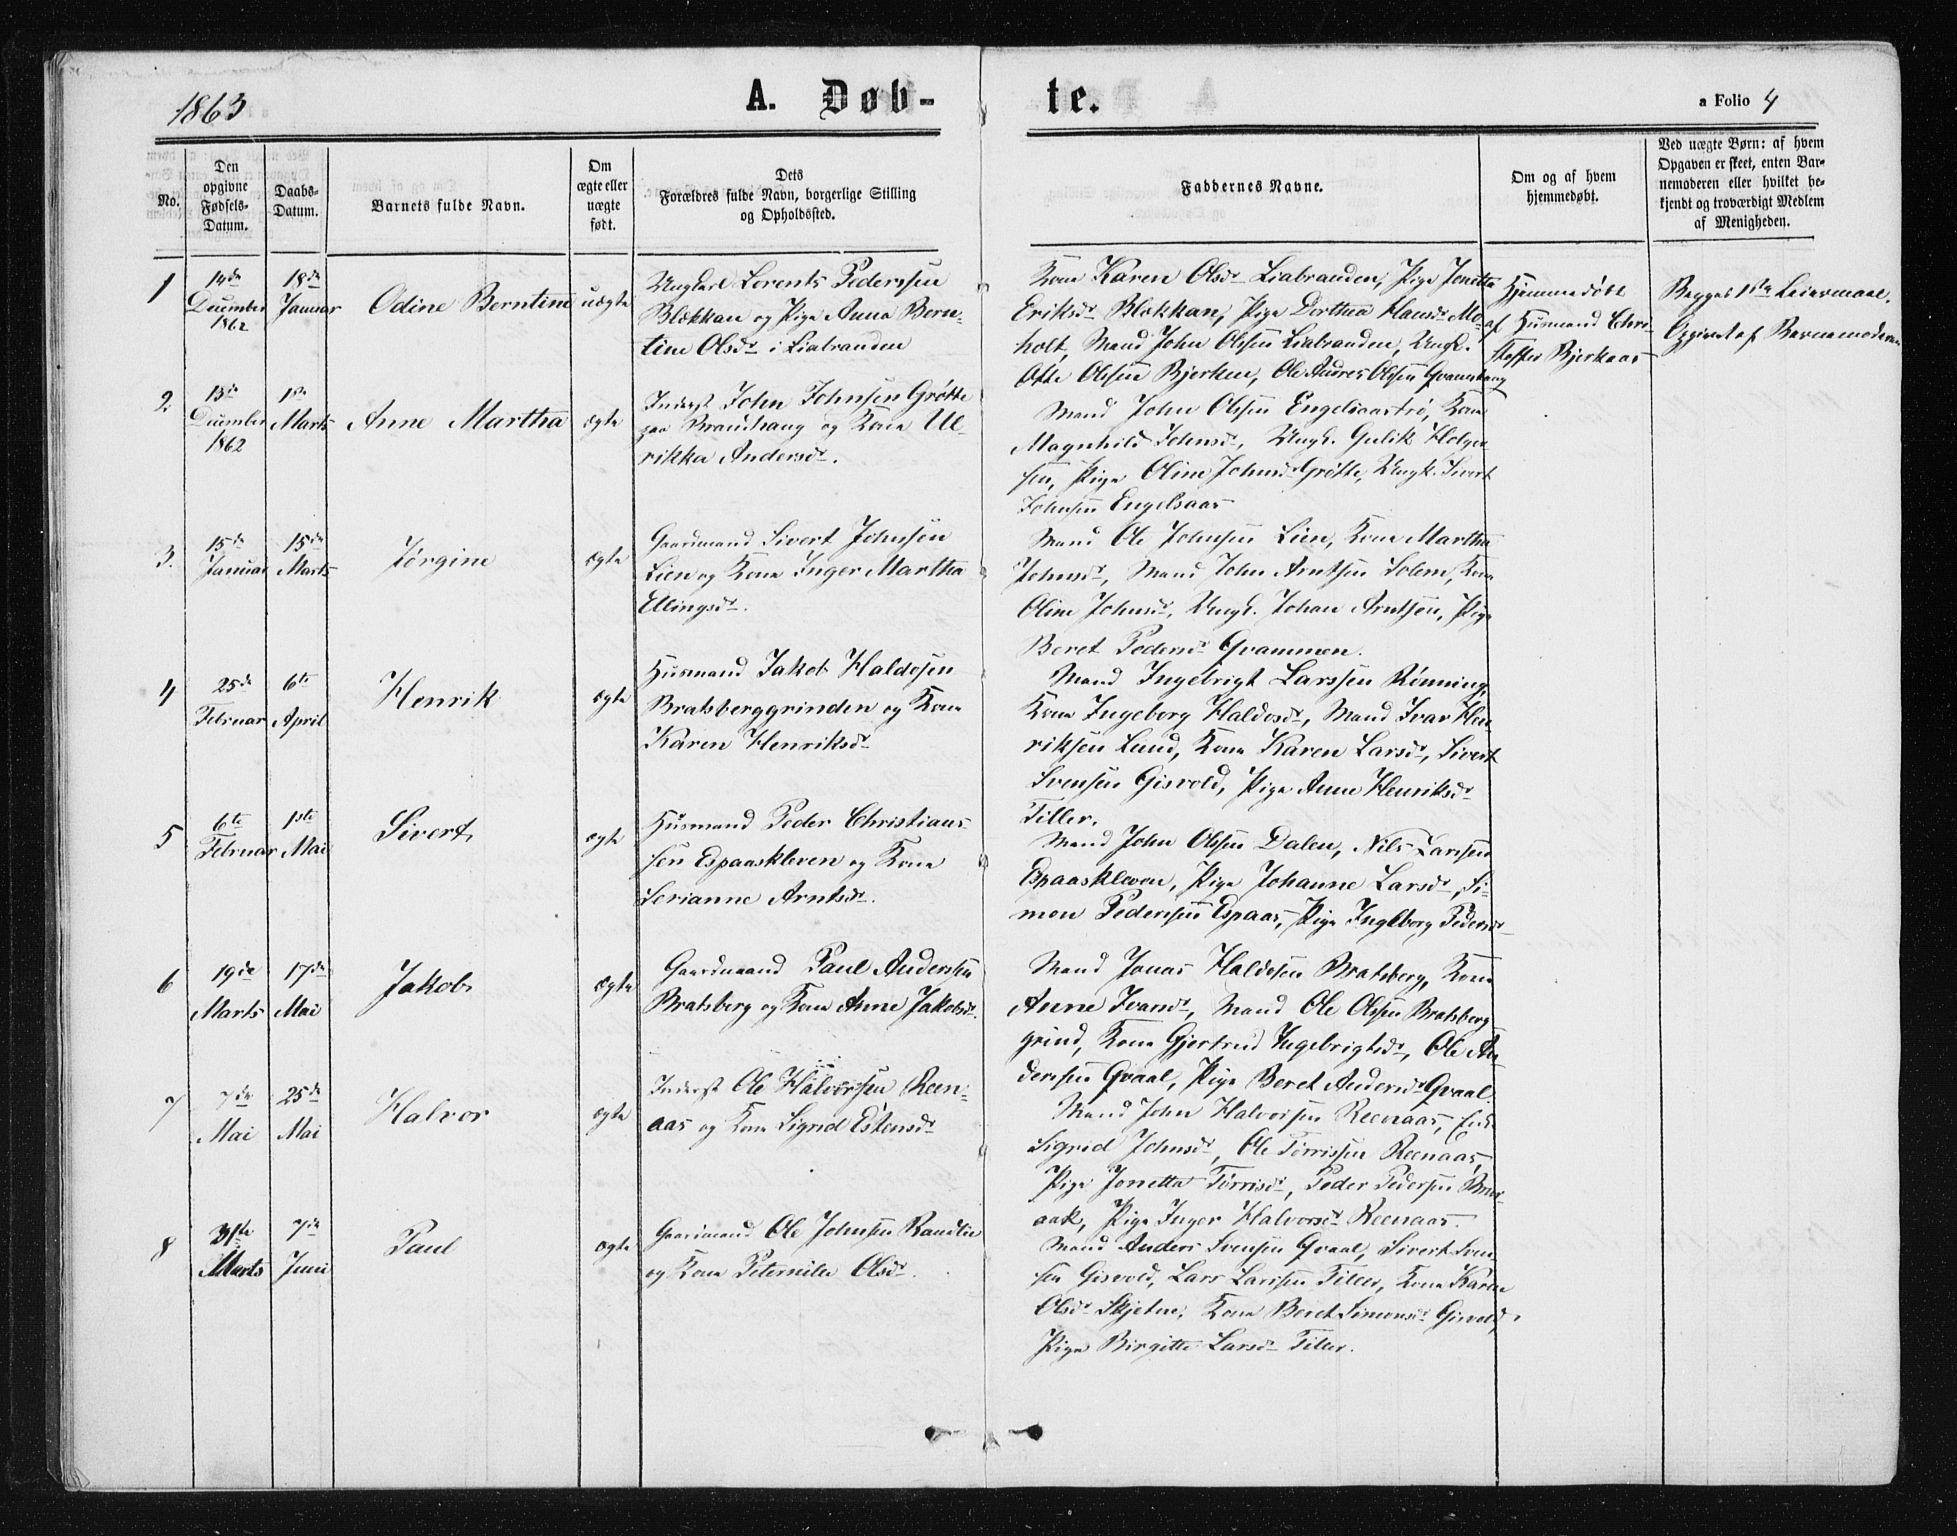 SAT, Ministerialprotokoller, klokkerbøker og fødselsregistre - Sør-Trøndelag, 608/L0333: Ministerialbok nr. 608A02, 1862-1876, s. 4